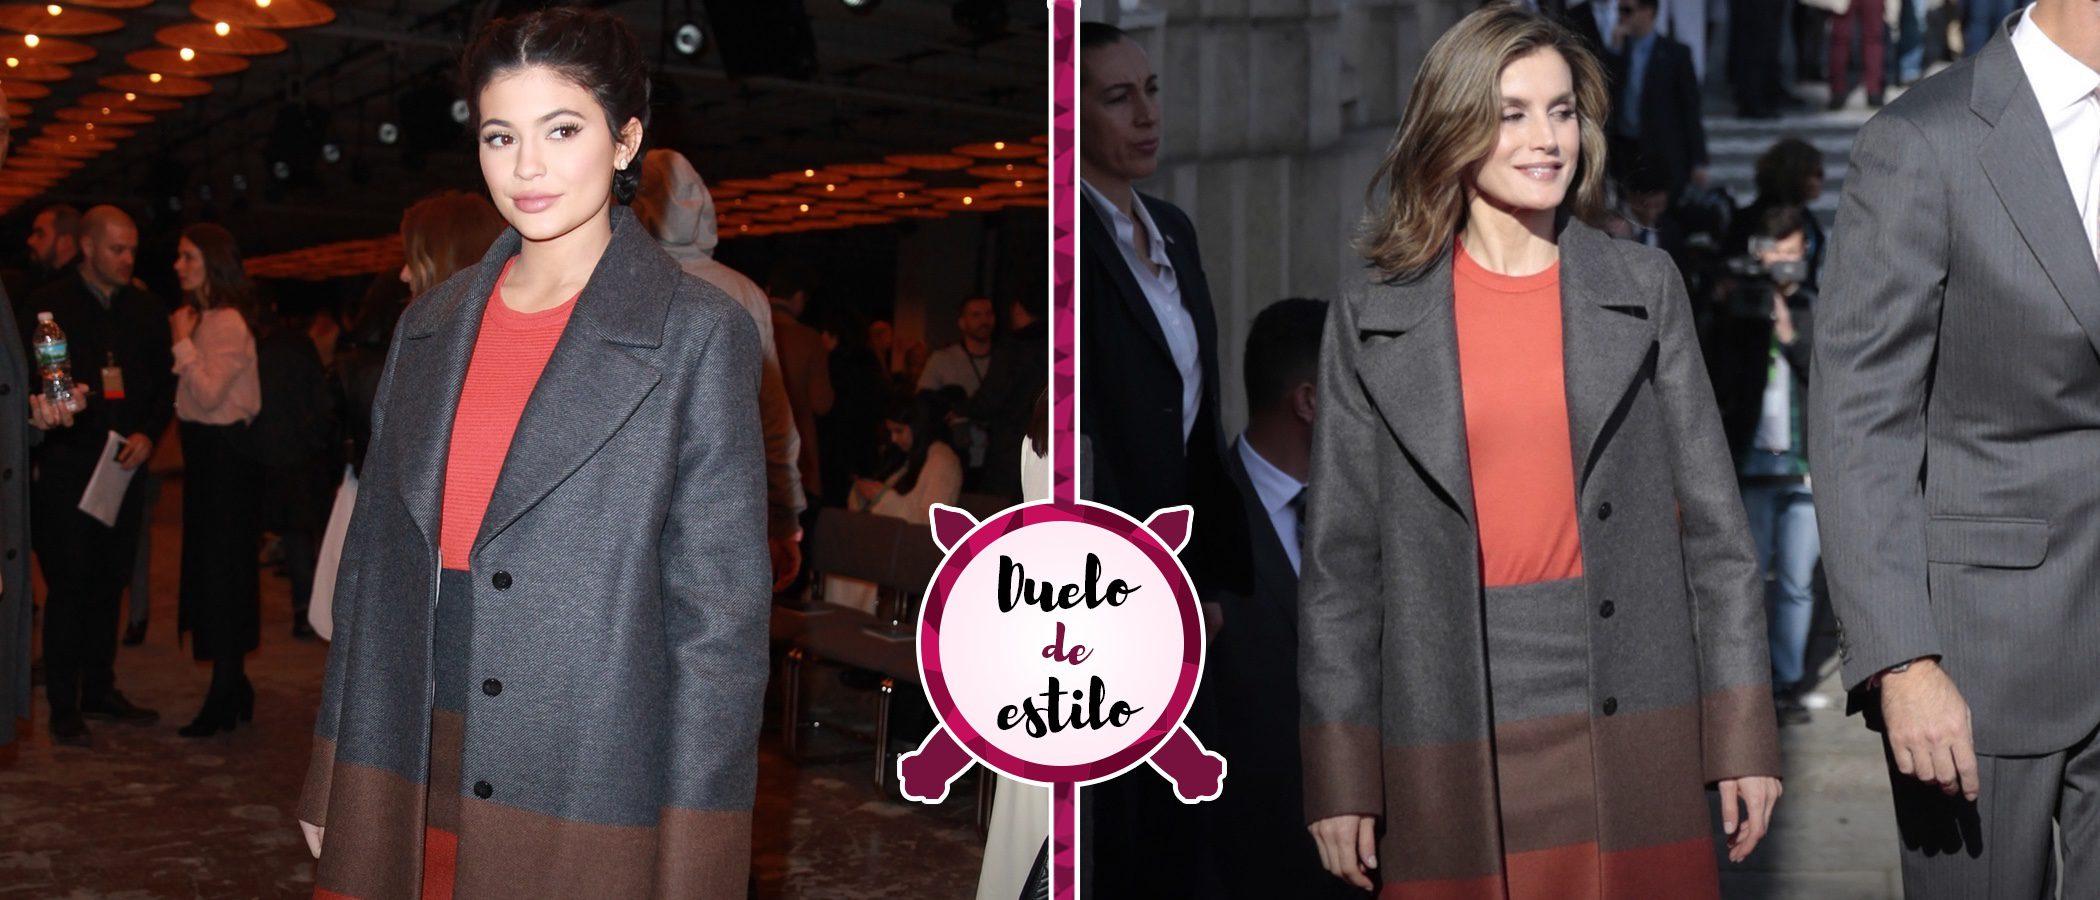 La Reina Letizia y Kylie Jenner apuestan por el mismo conjunto, ¿quién lo luce mejor?